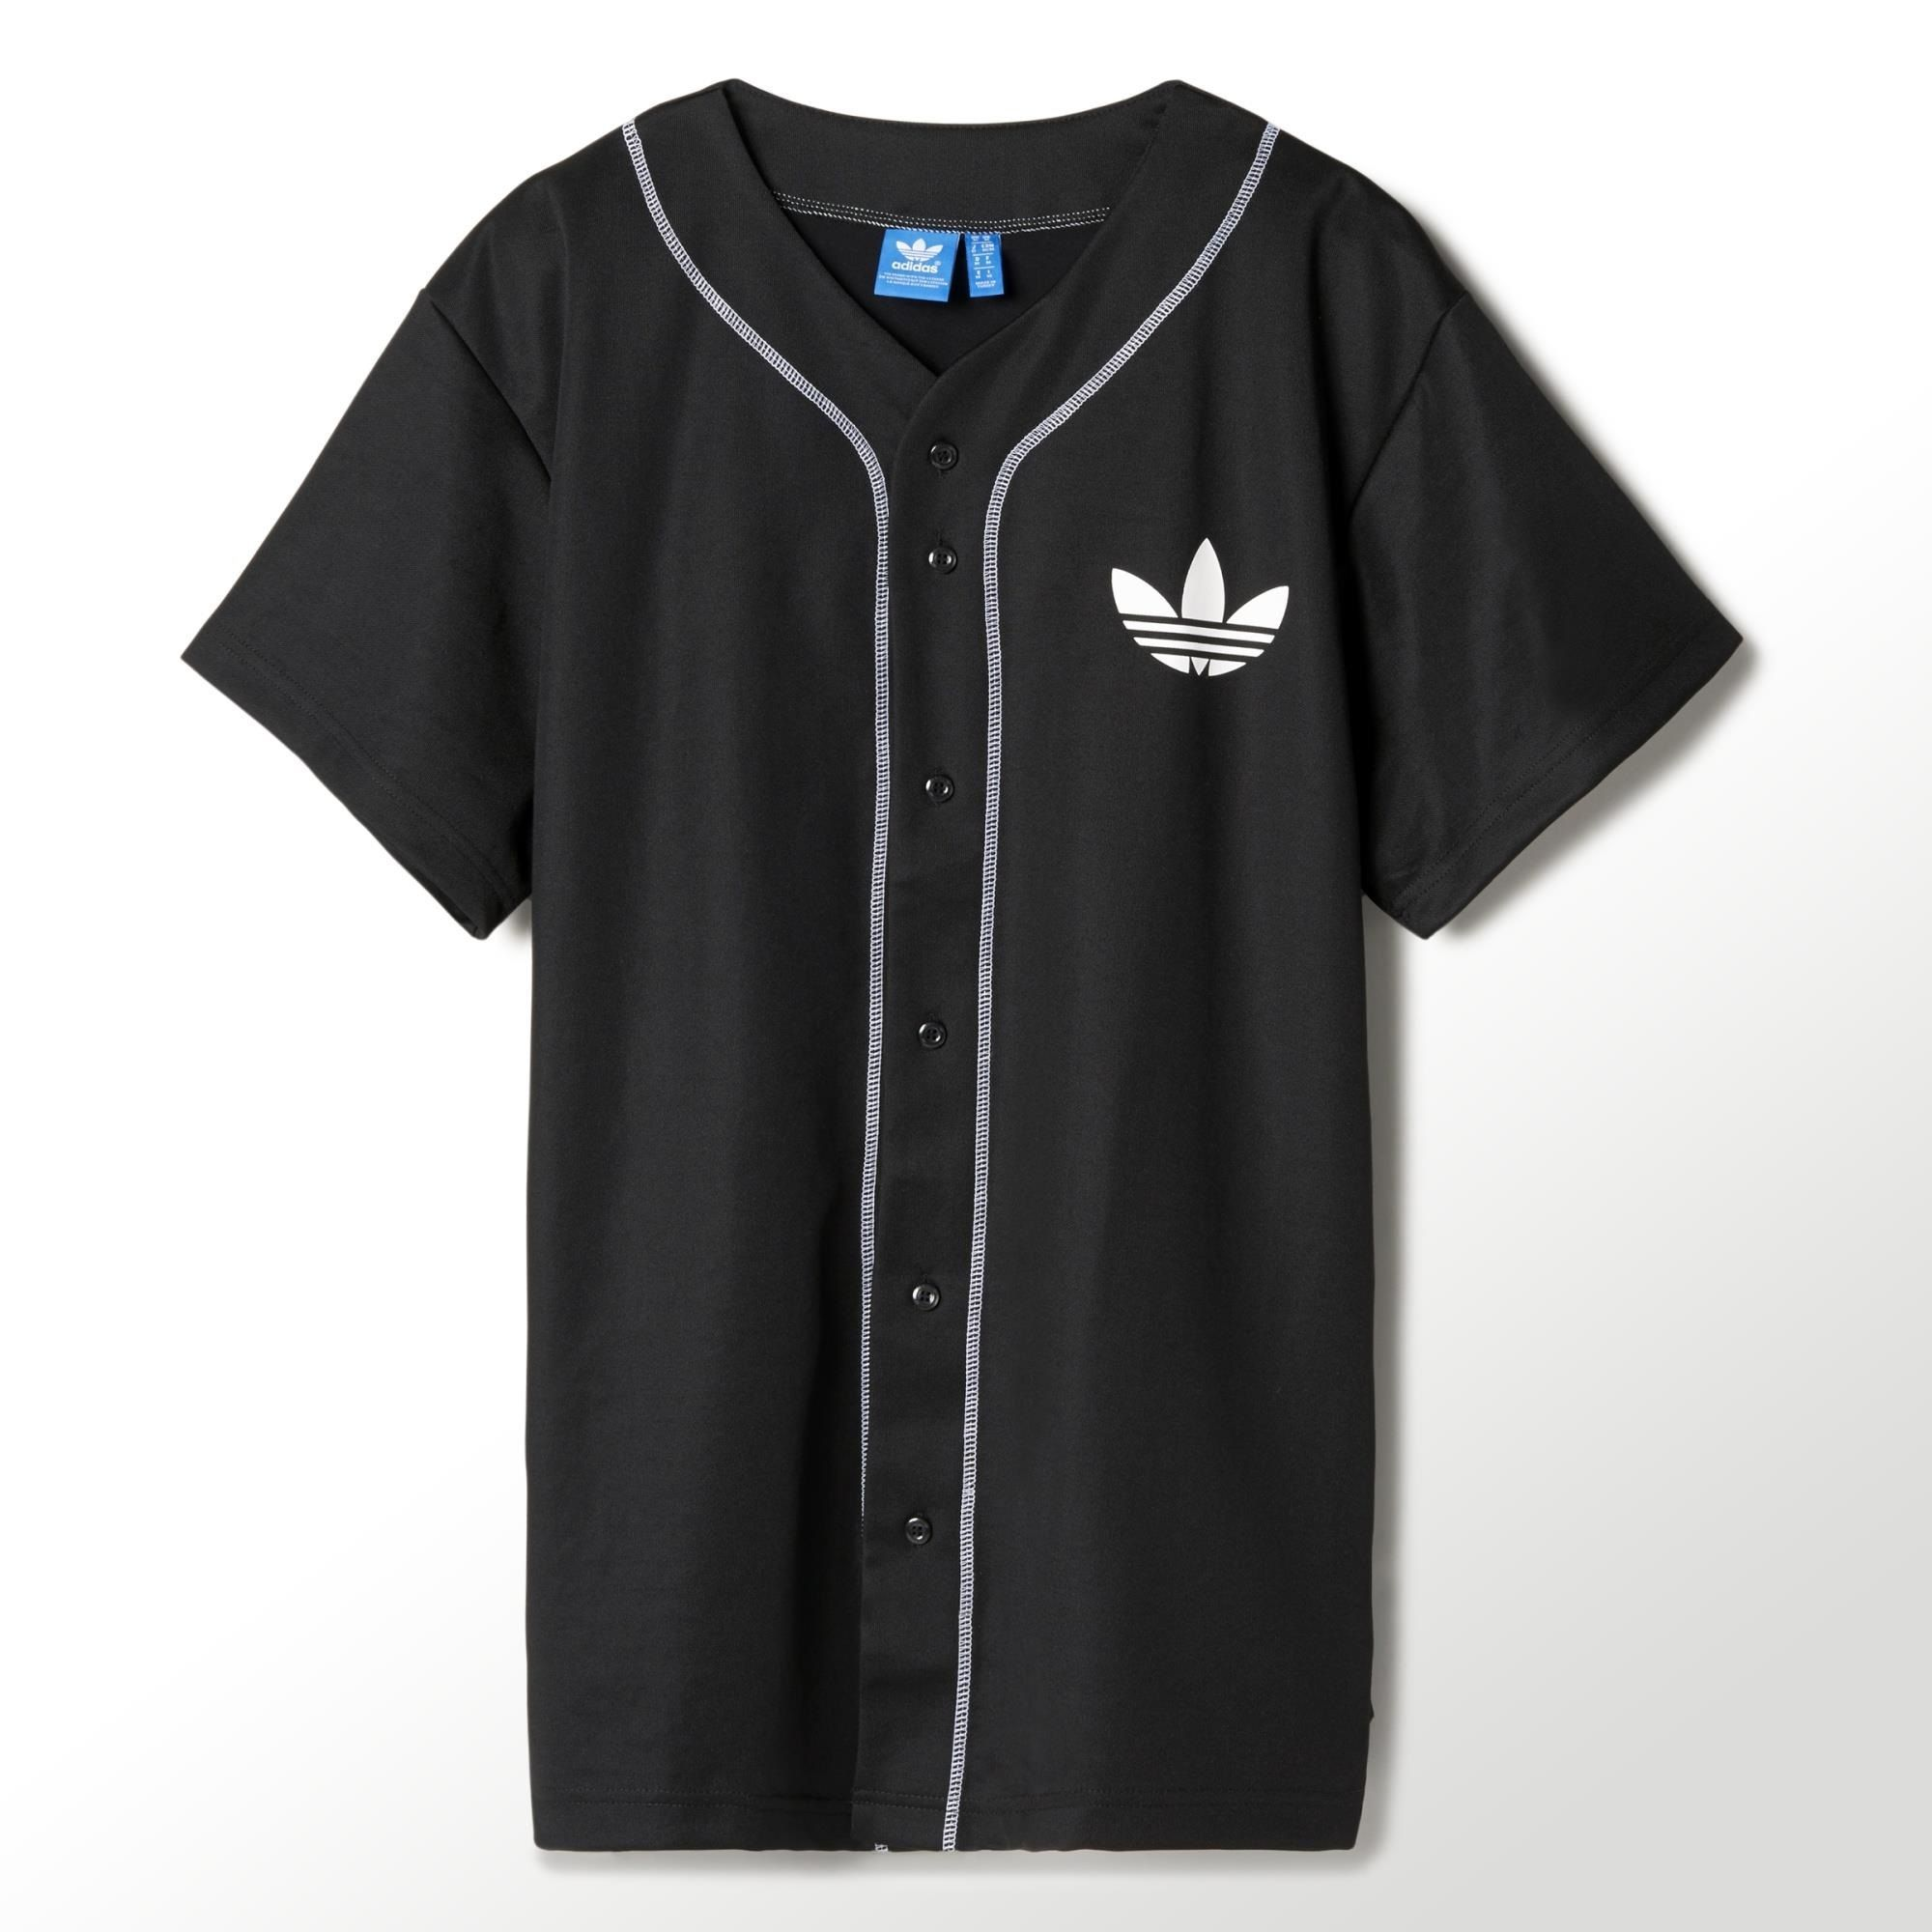 f8601043646c3 Camiseta NBA Brooklyn Nets Baseball adidas